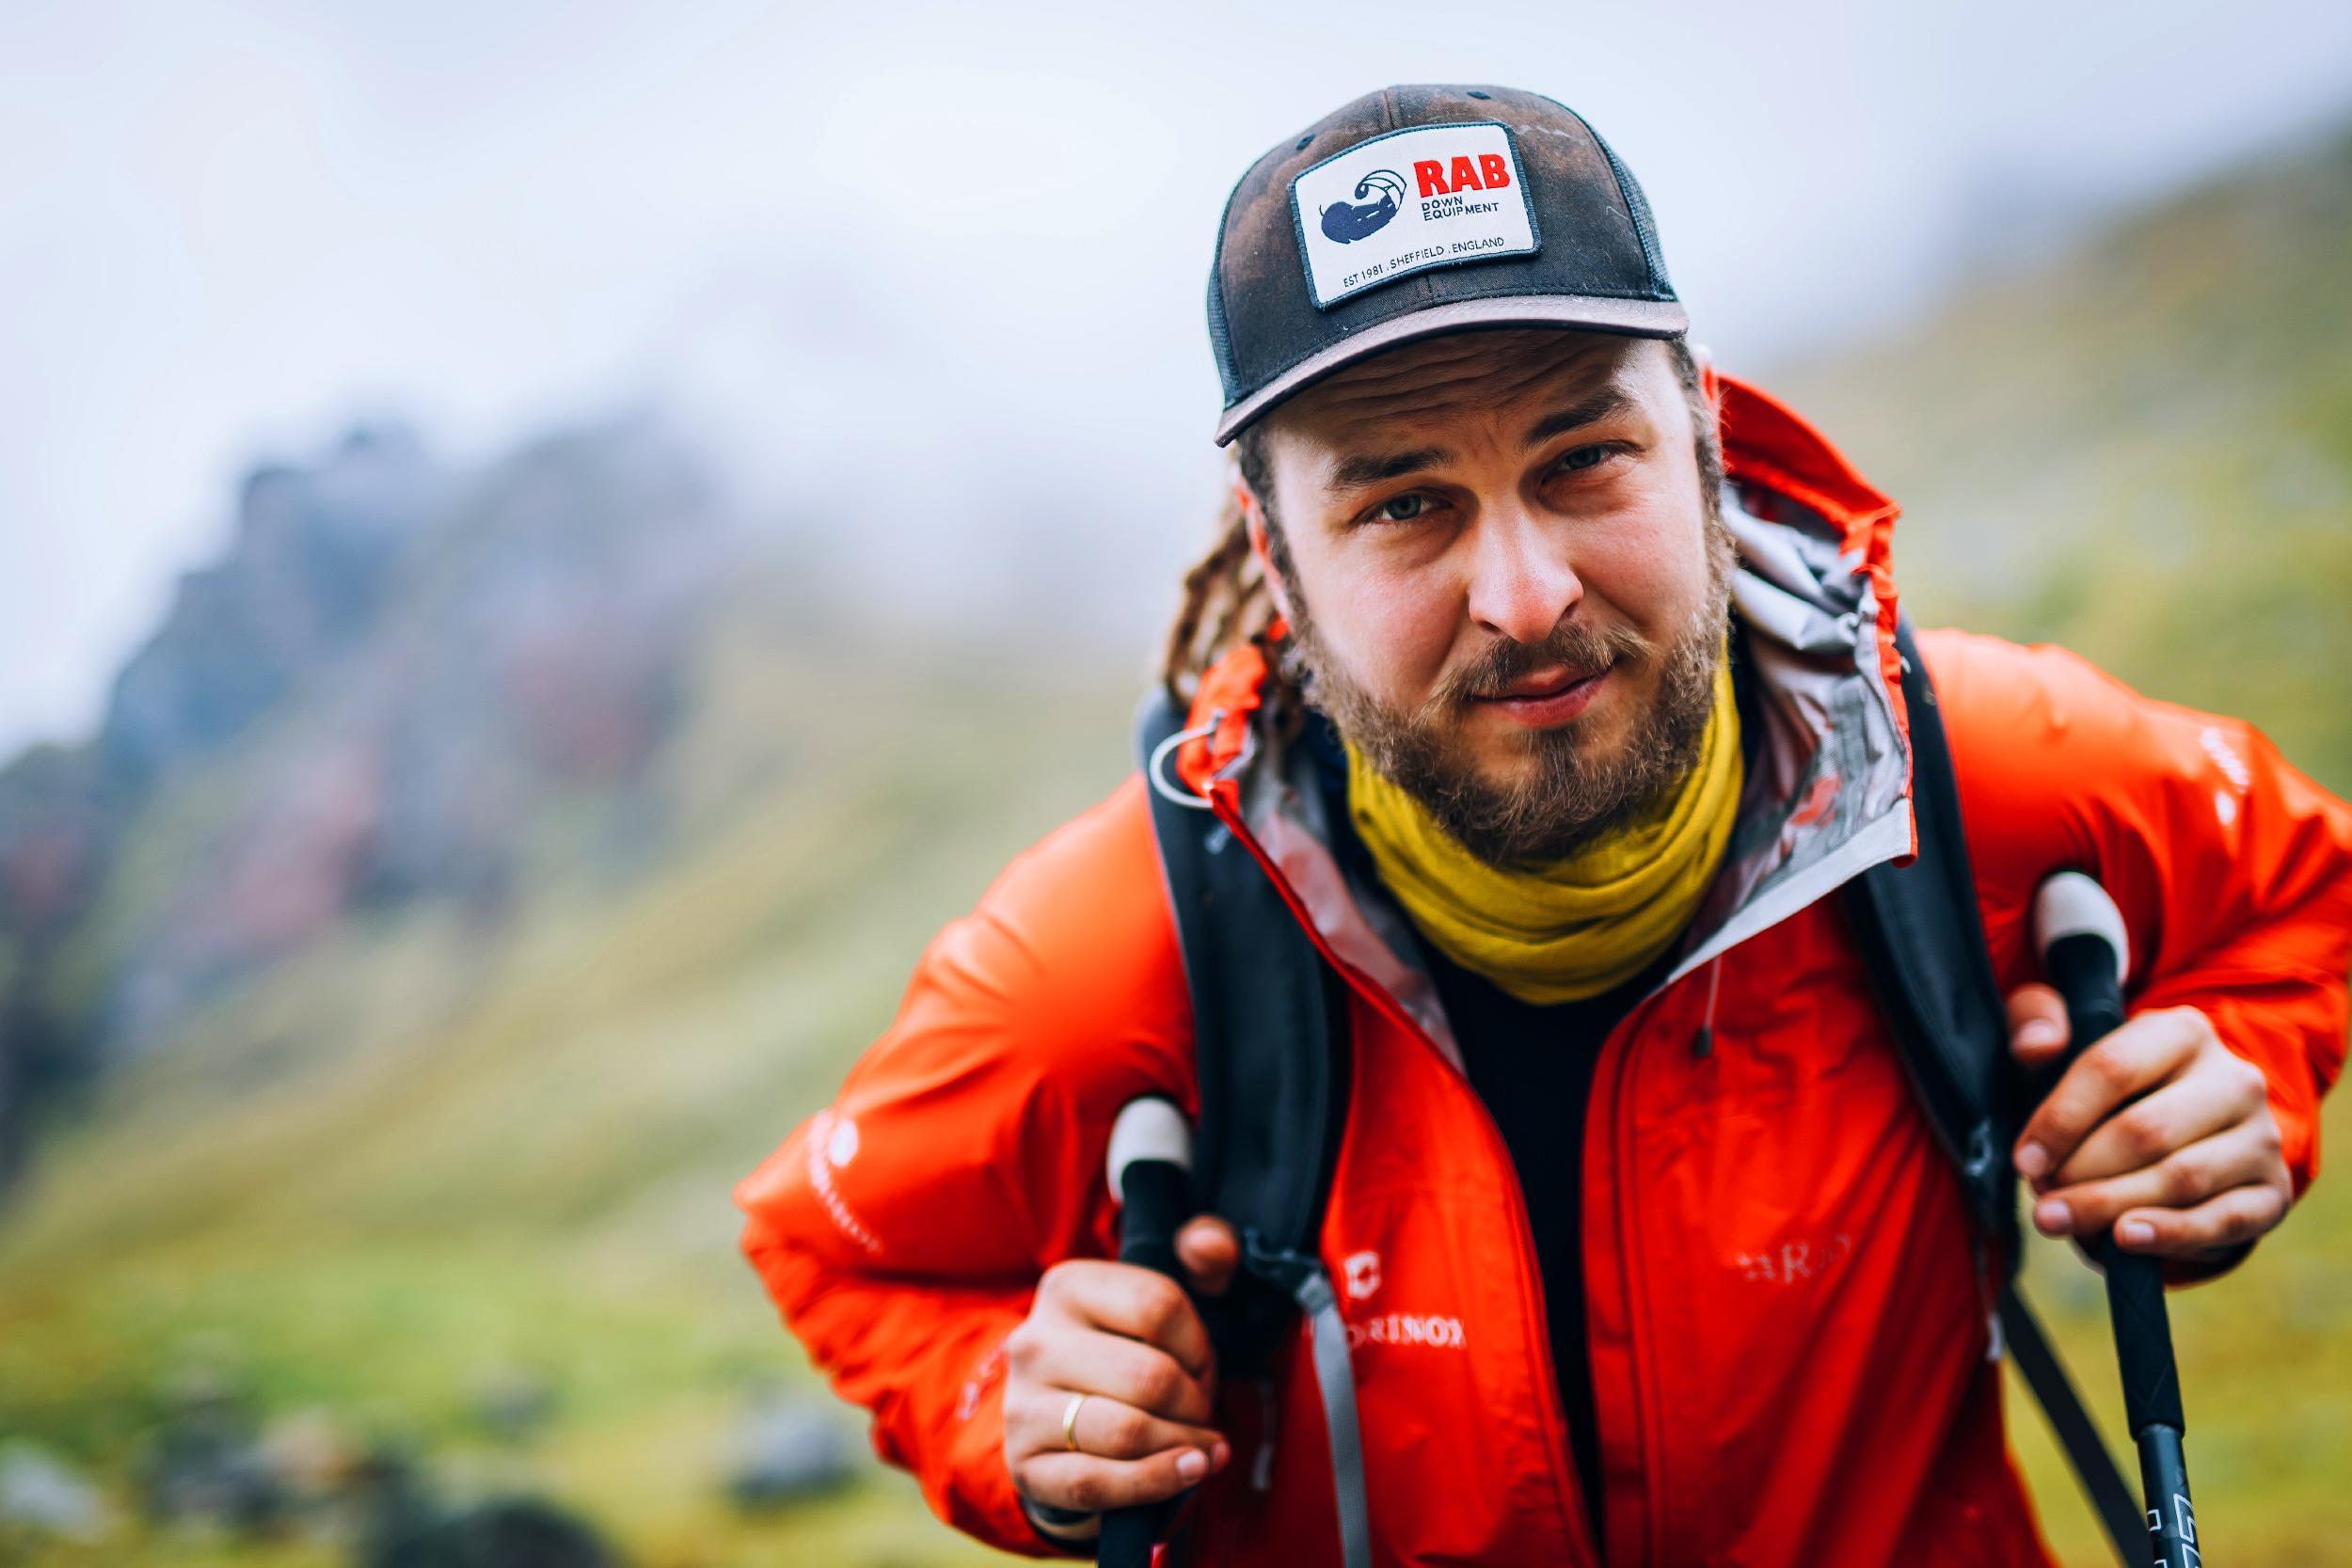 Mateusz Waligóra (fot. Michał Dzikowski / clearskiesahead.com)